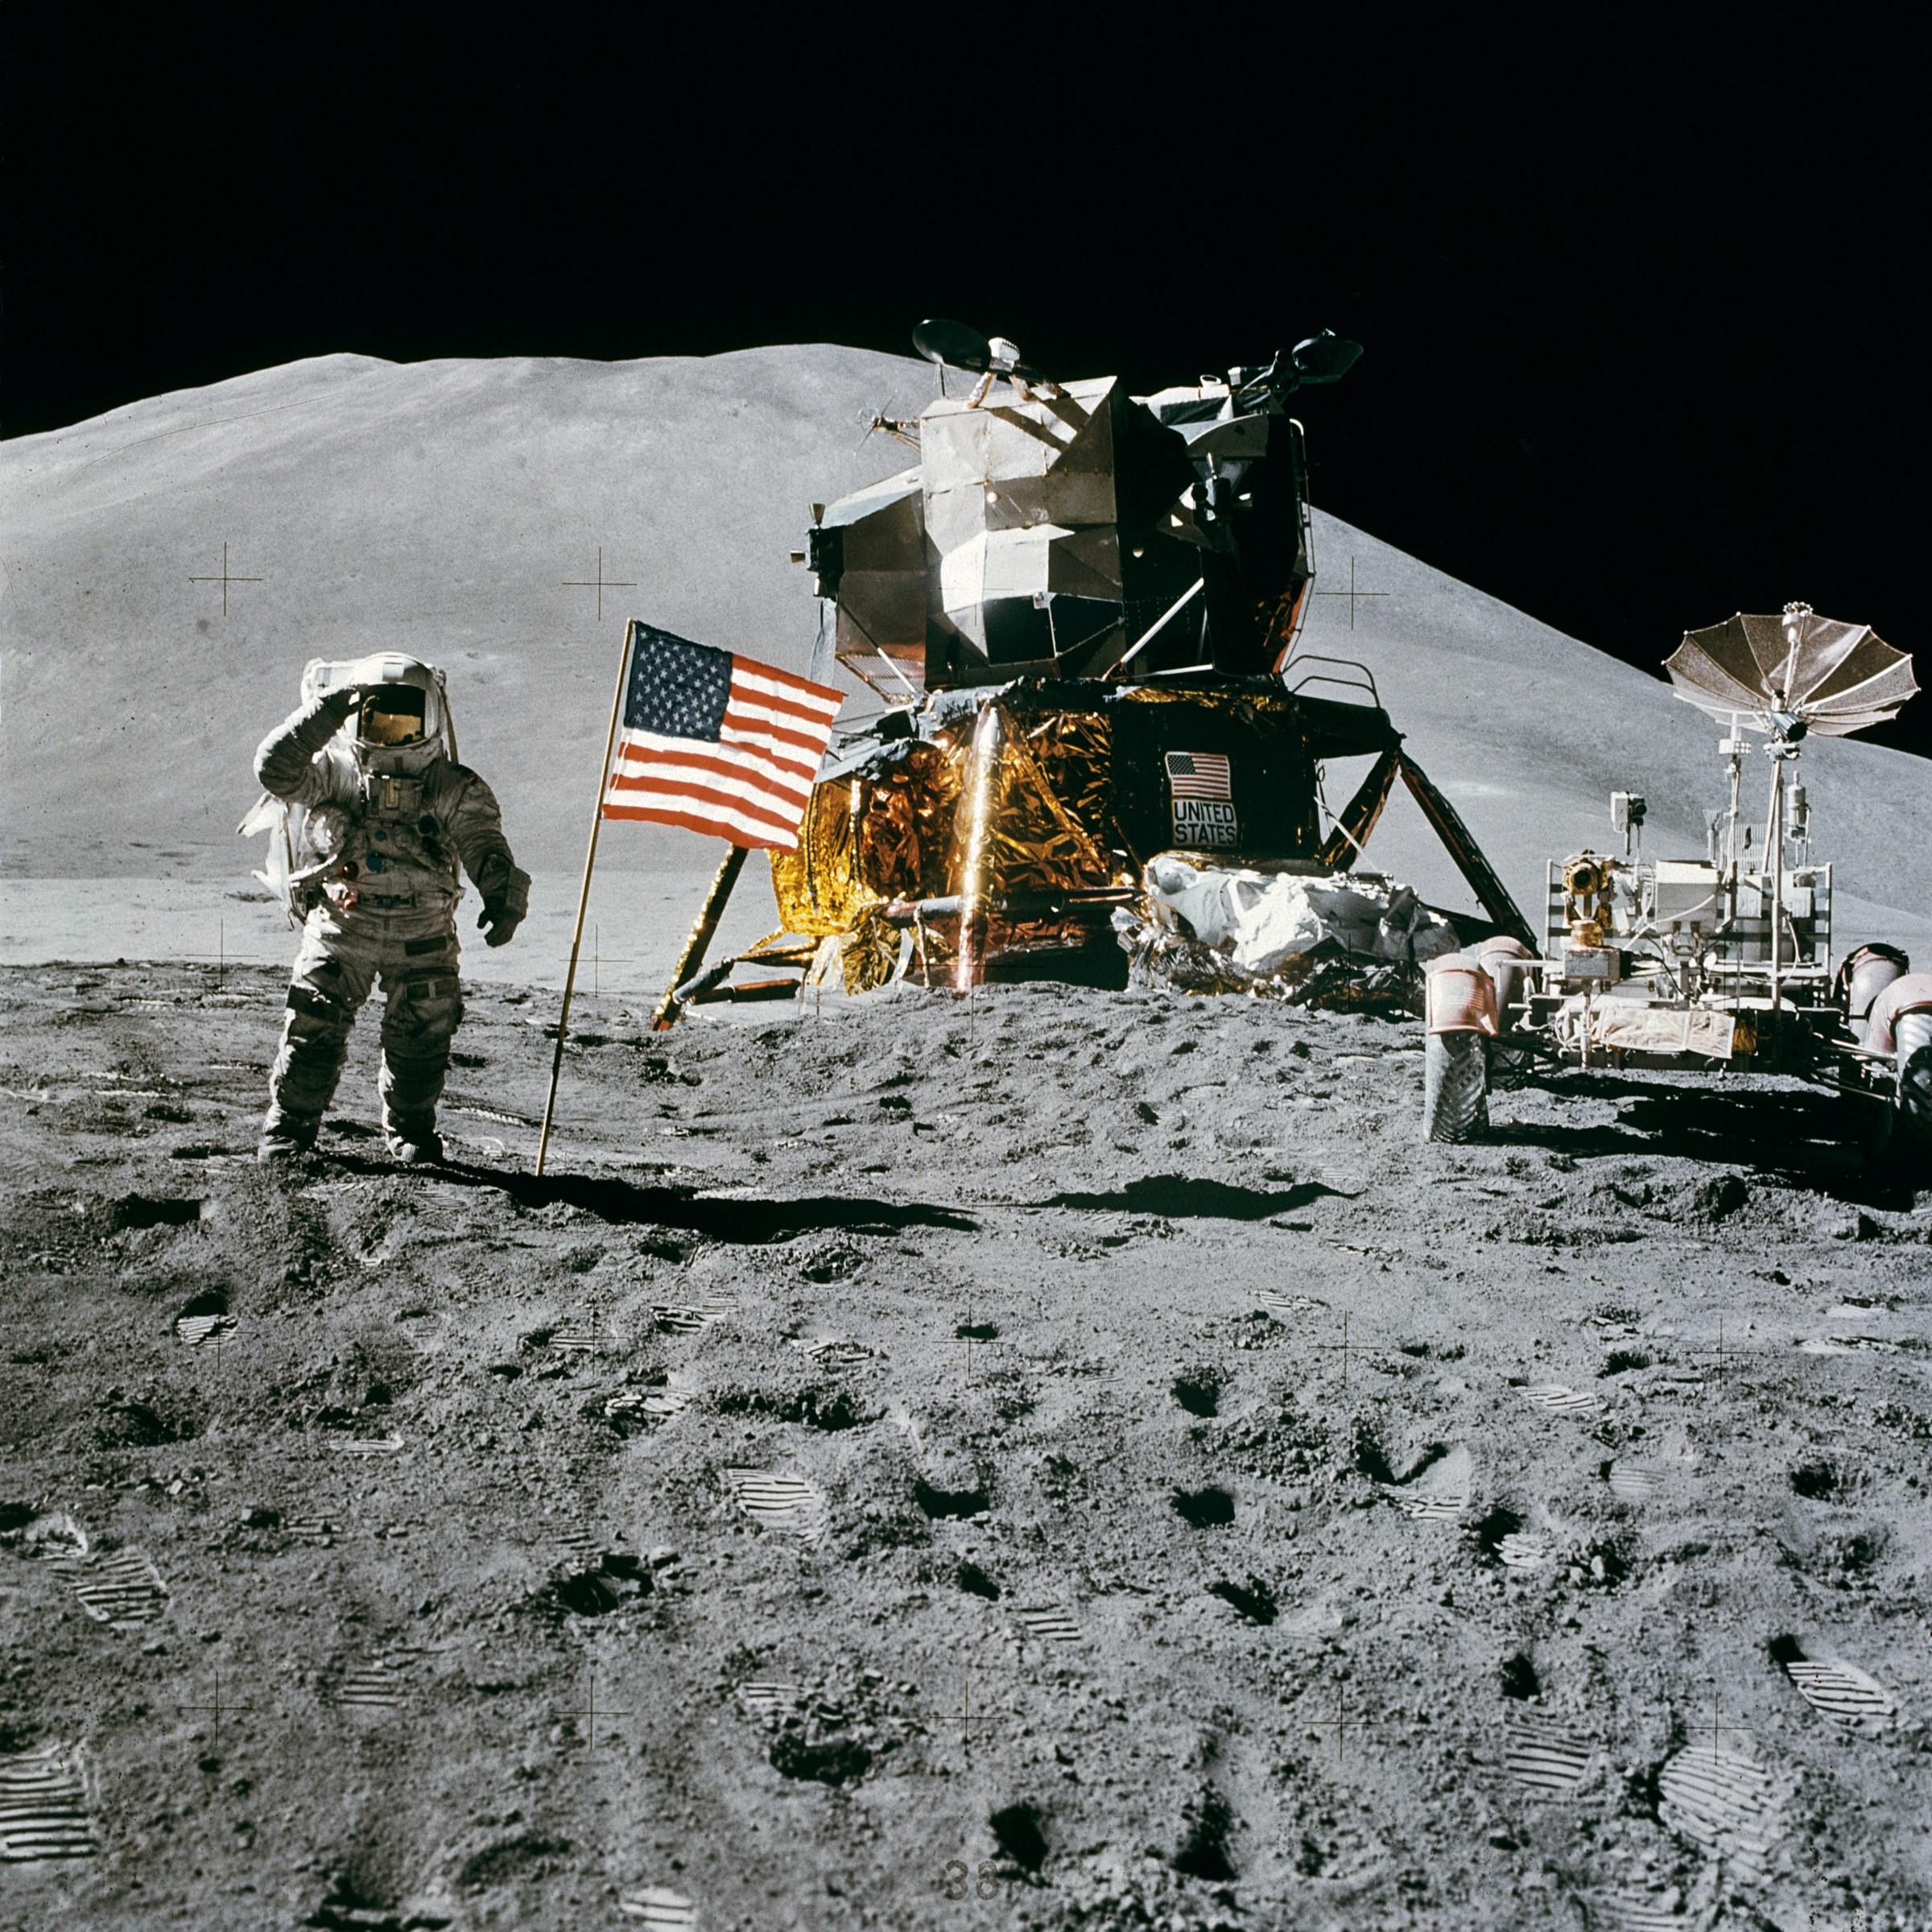 Американцы на луне, луна, обои для рабочего стола, космос, космический корабль